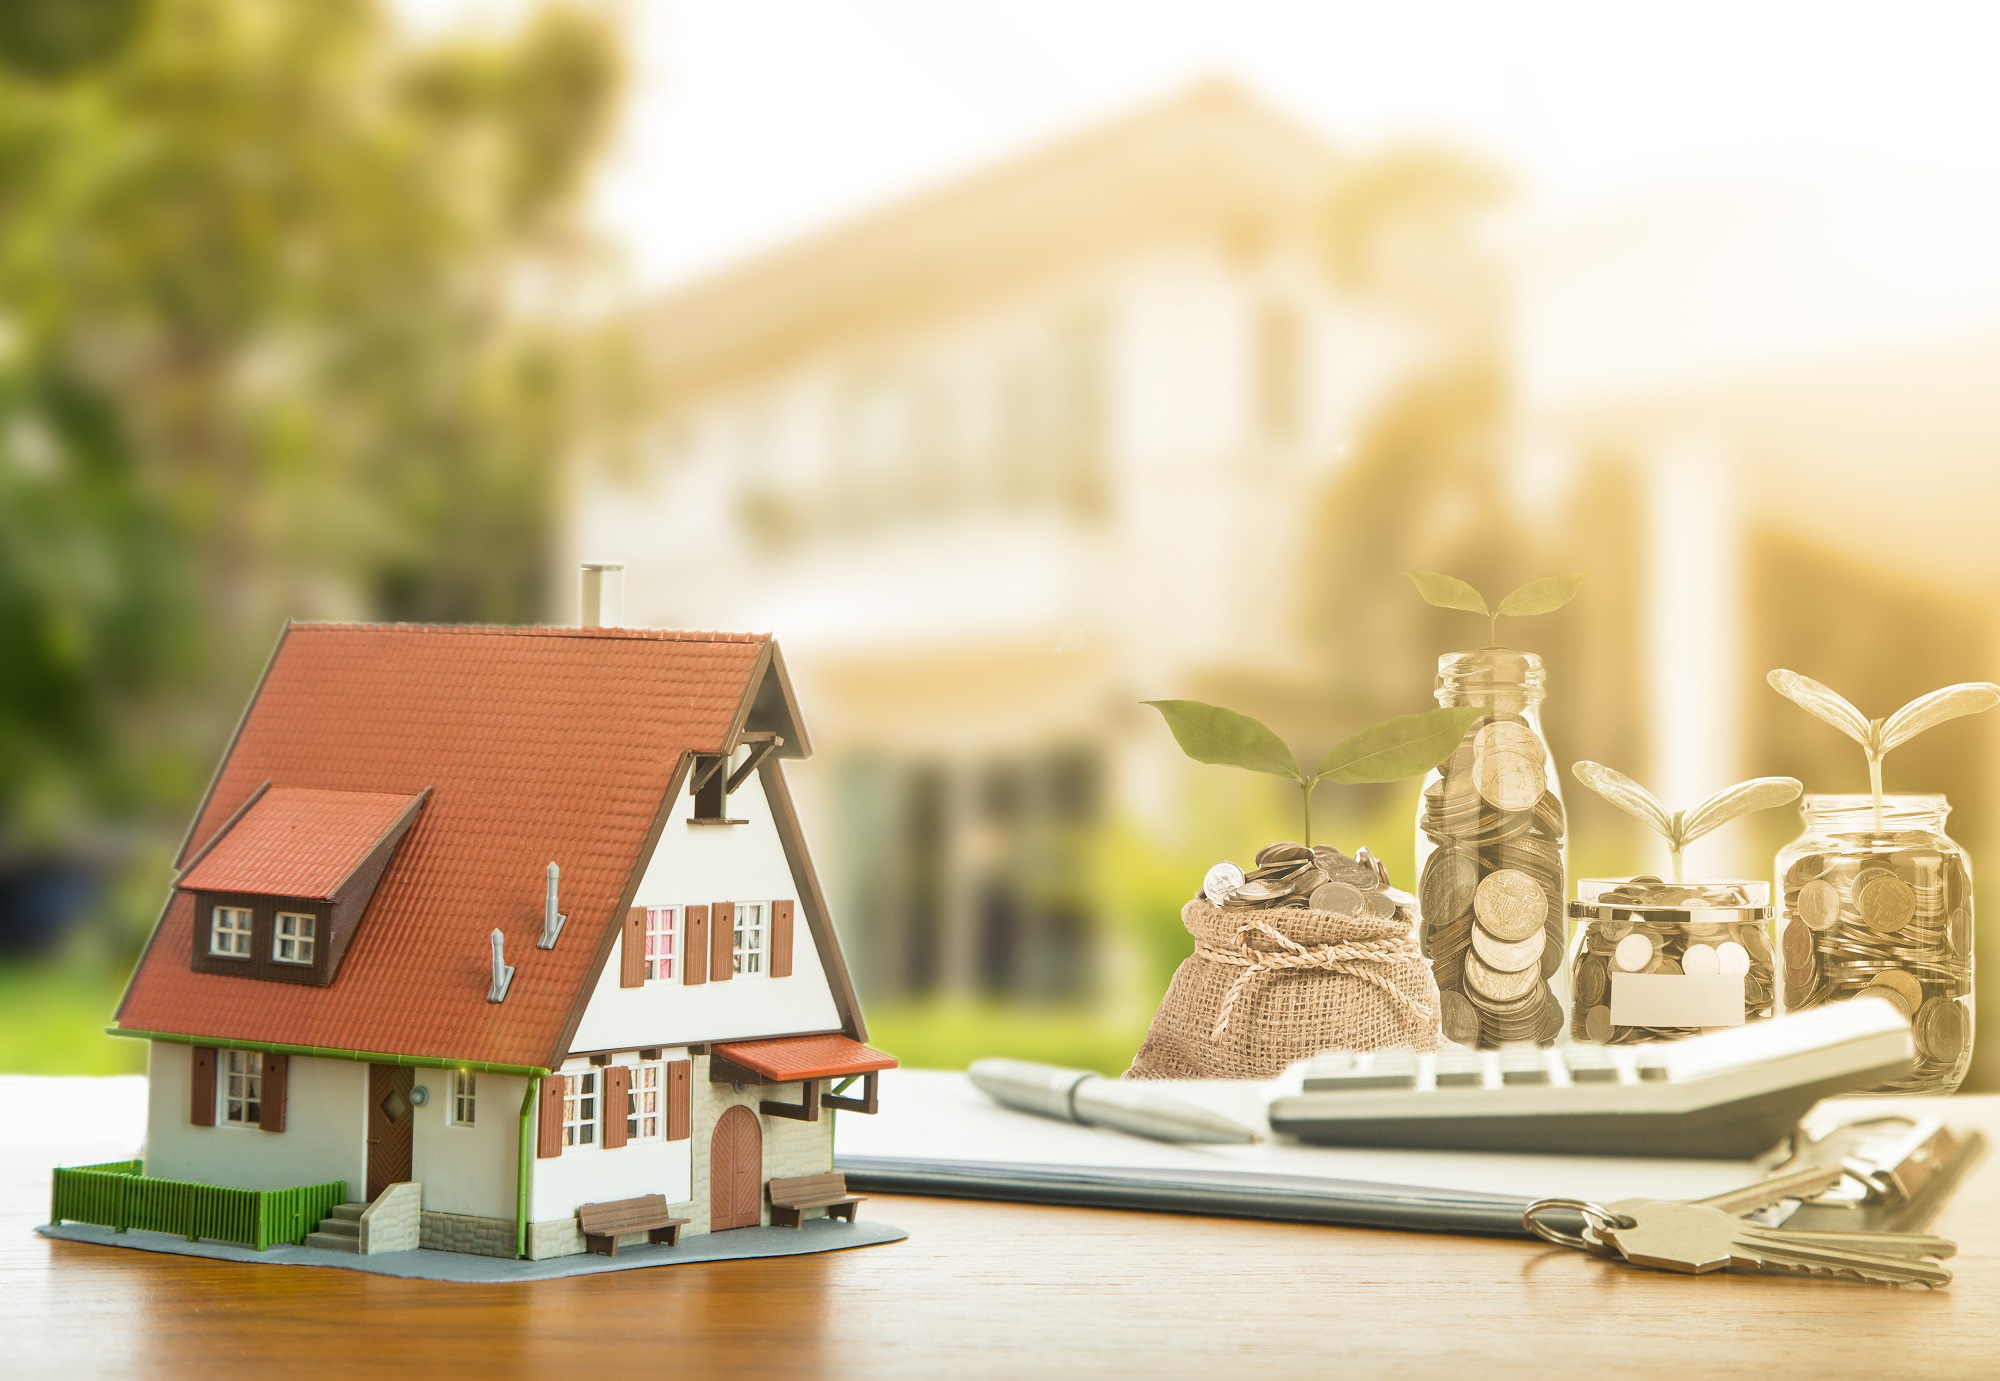 Acheter dans le neuf : avez-vous pensé au prêt relais ?